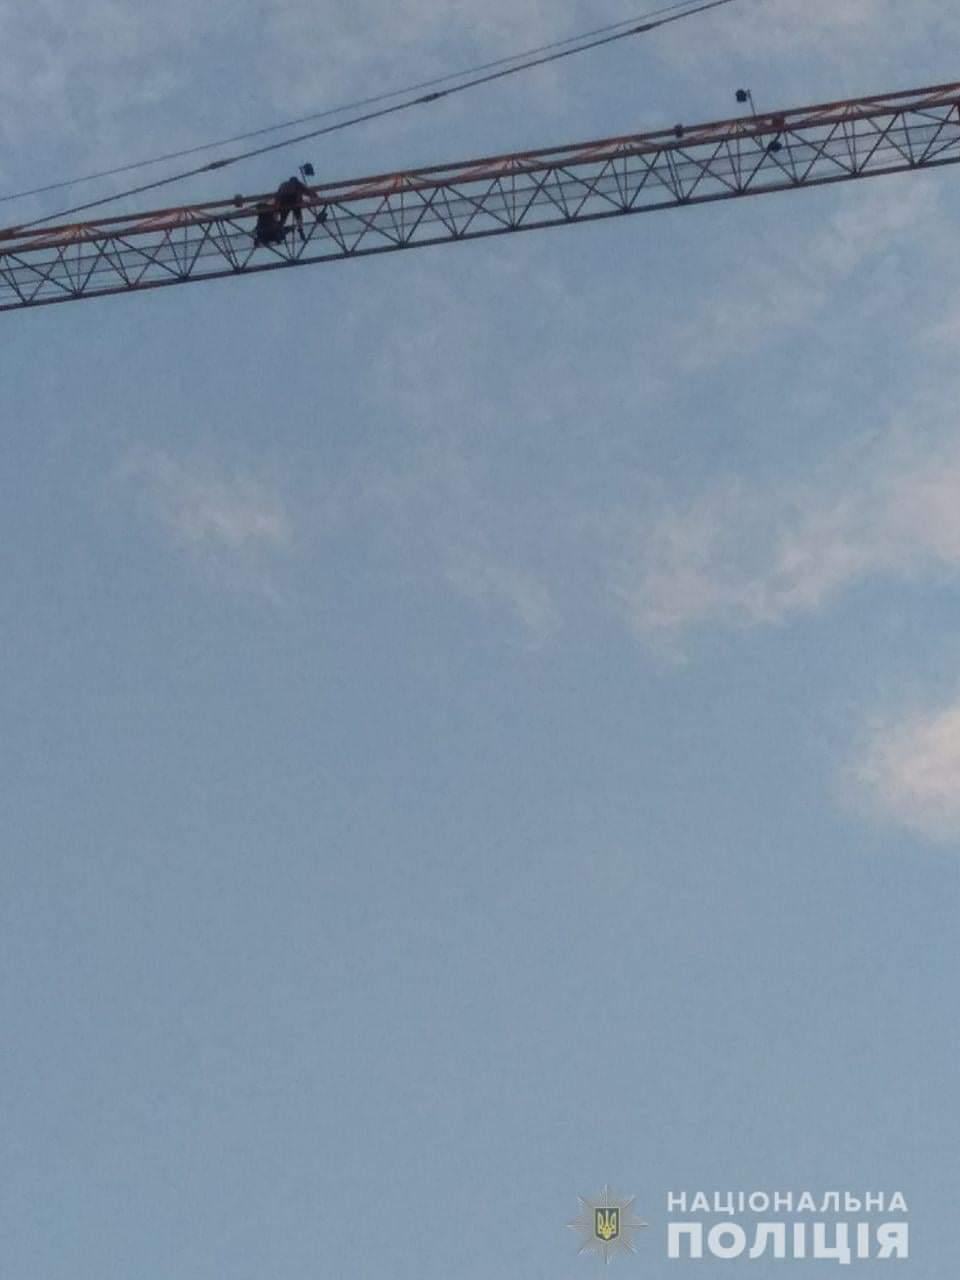 У Черкасах нетверезий чоловік виліз на будівельний кран. Його знімали рятувальники й поліція (ФОТО)